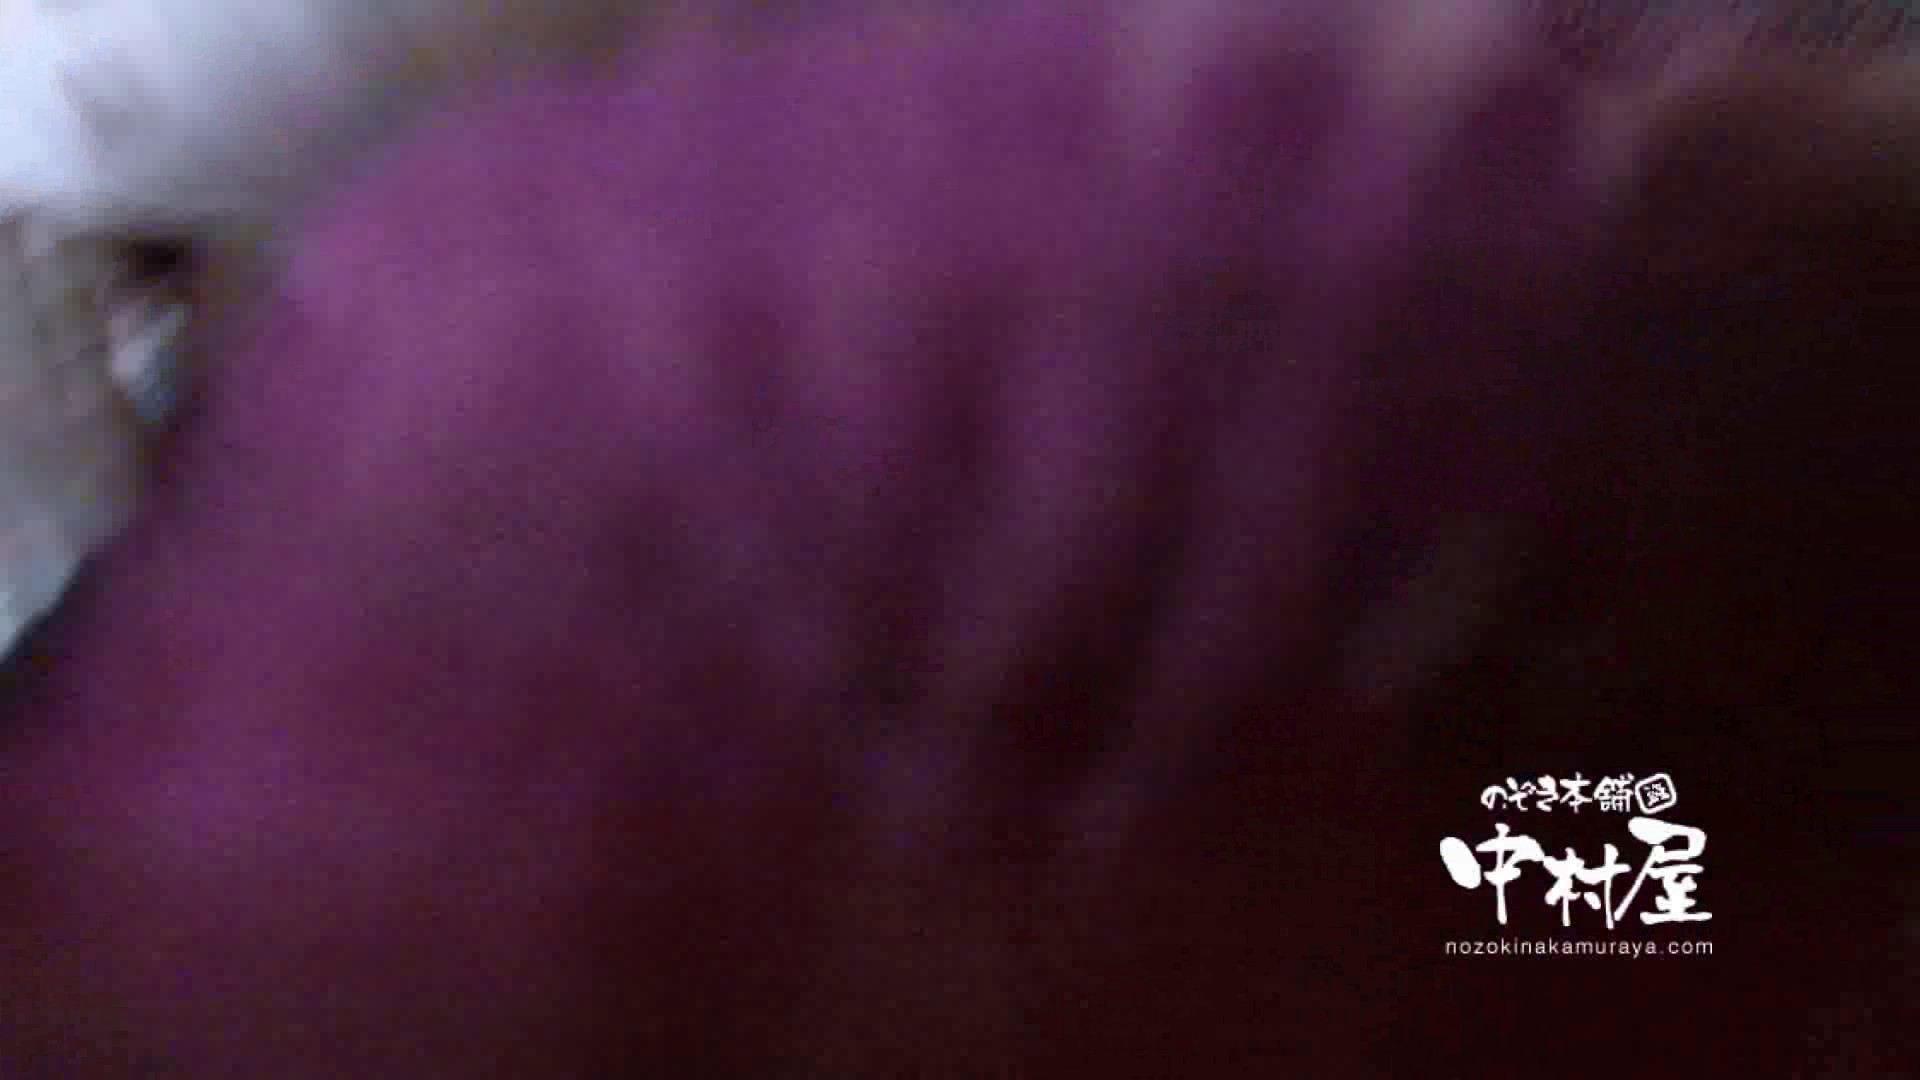 鬼畜 vol.12 剥ぎ取ったら色白でゴウモウだった 前編 OLセックス | 鬼畜  110画像 59